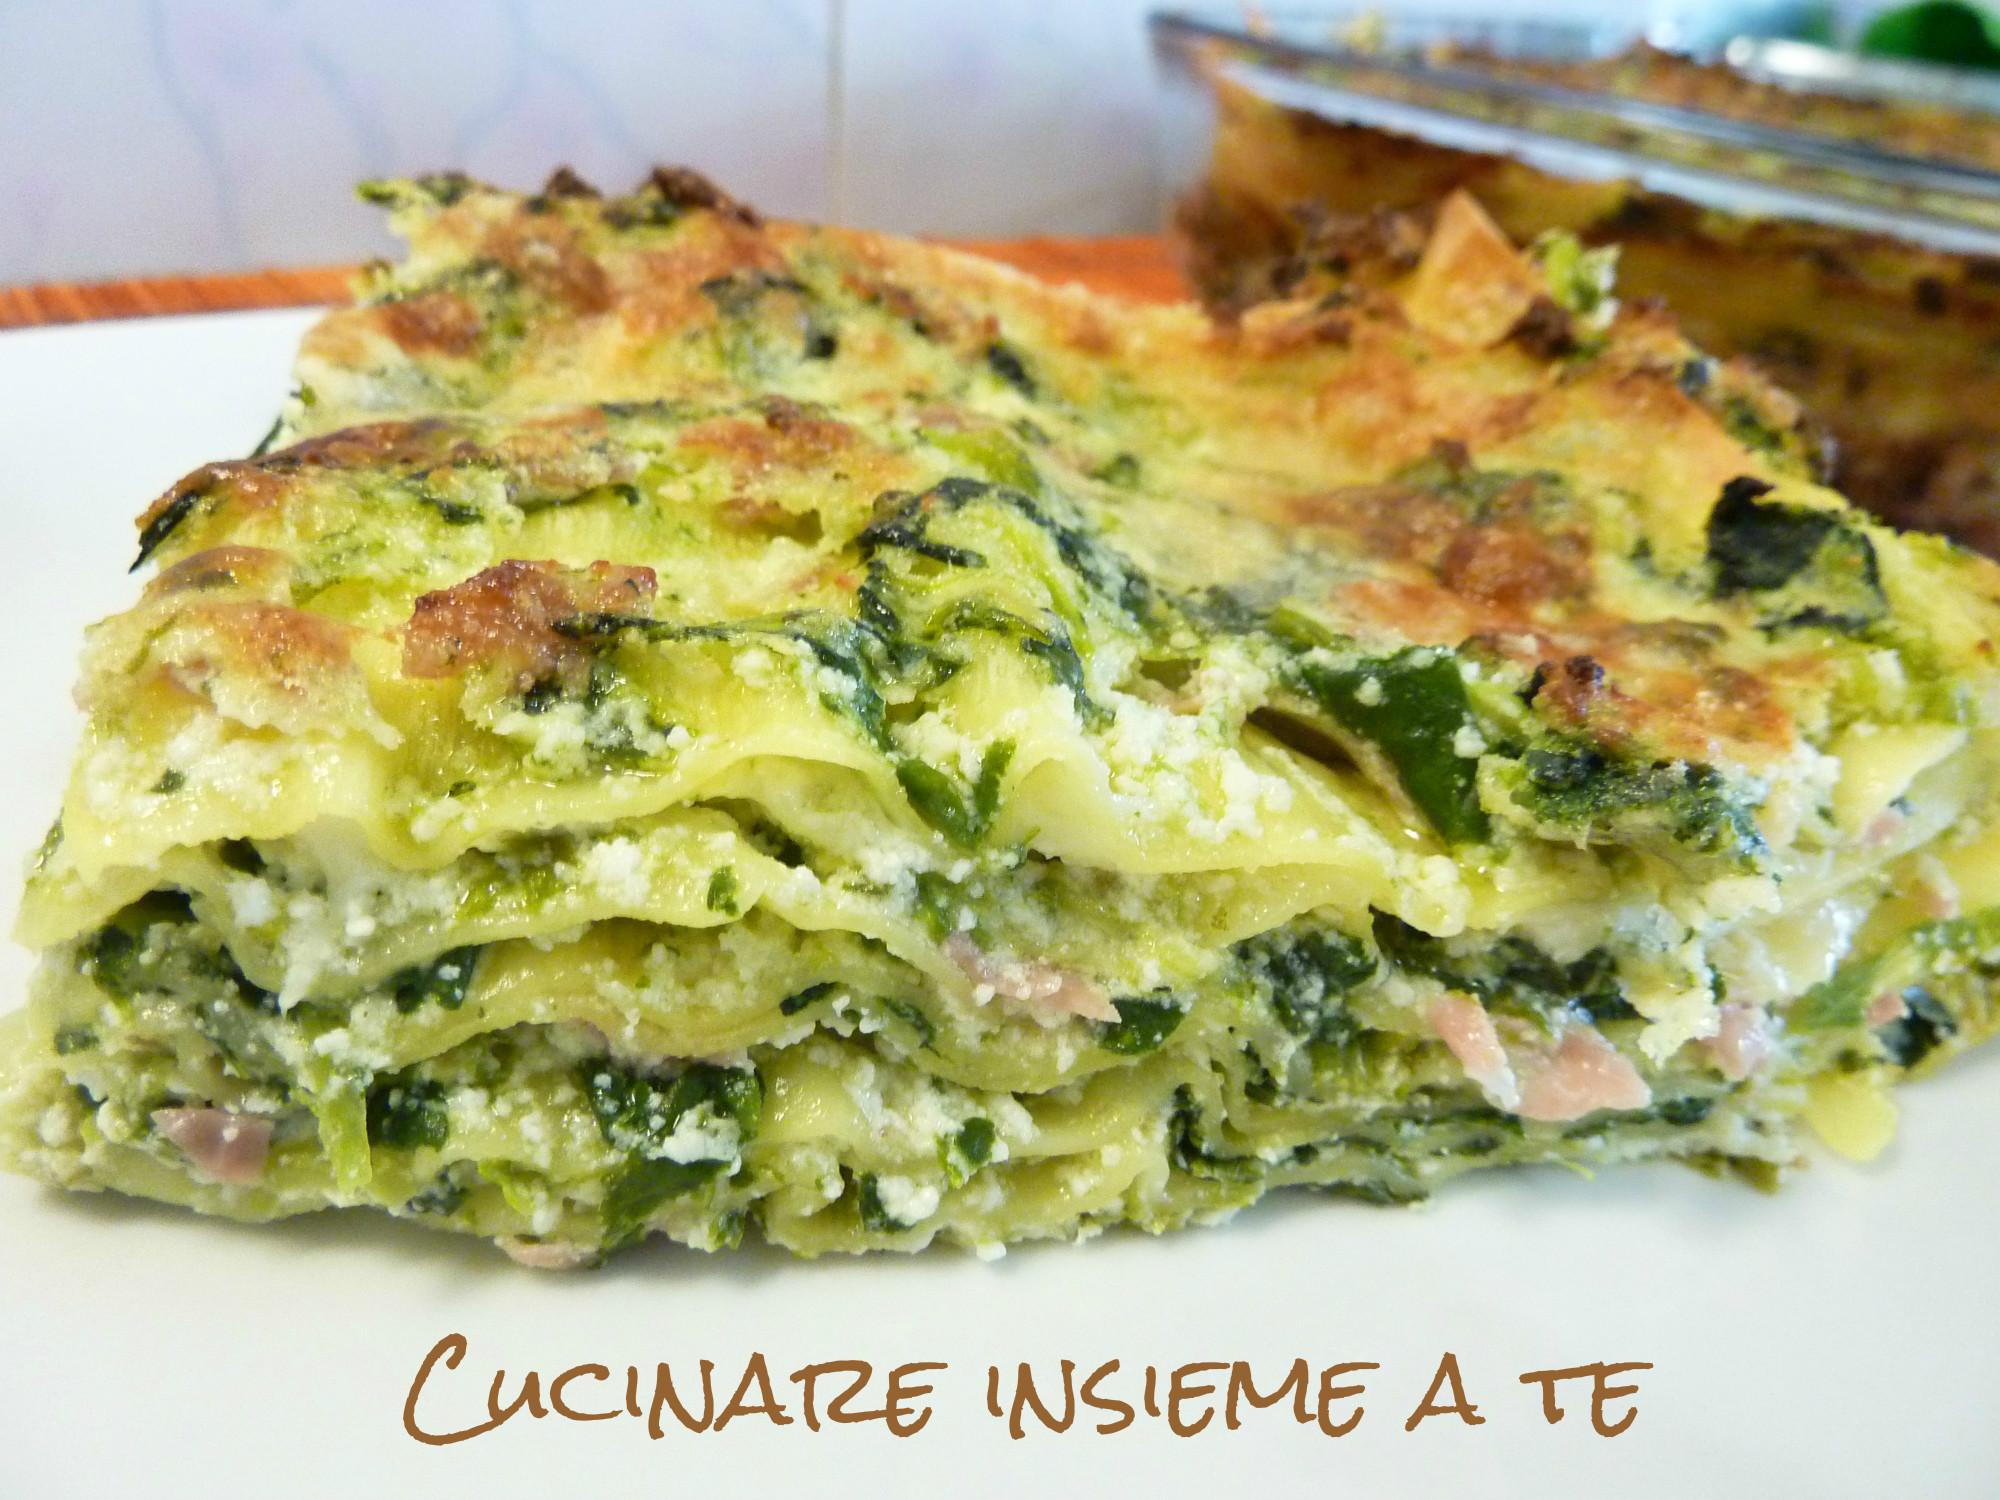 Ricetta Lasagne E Spinaci.Lasagna Ricotta E Spinaci Con Provolone E Mortadella